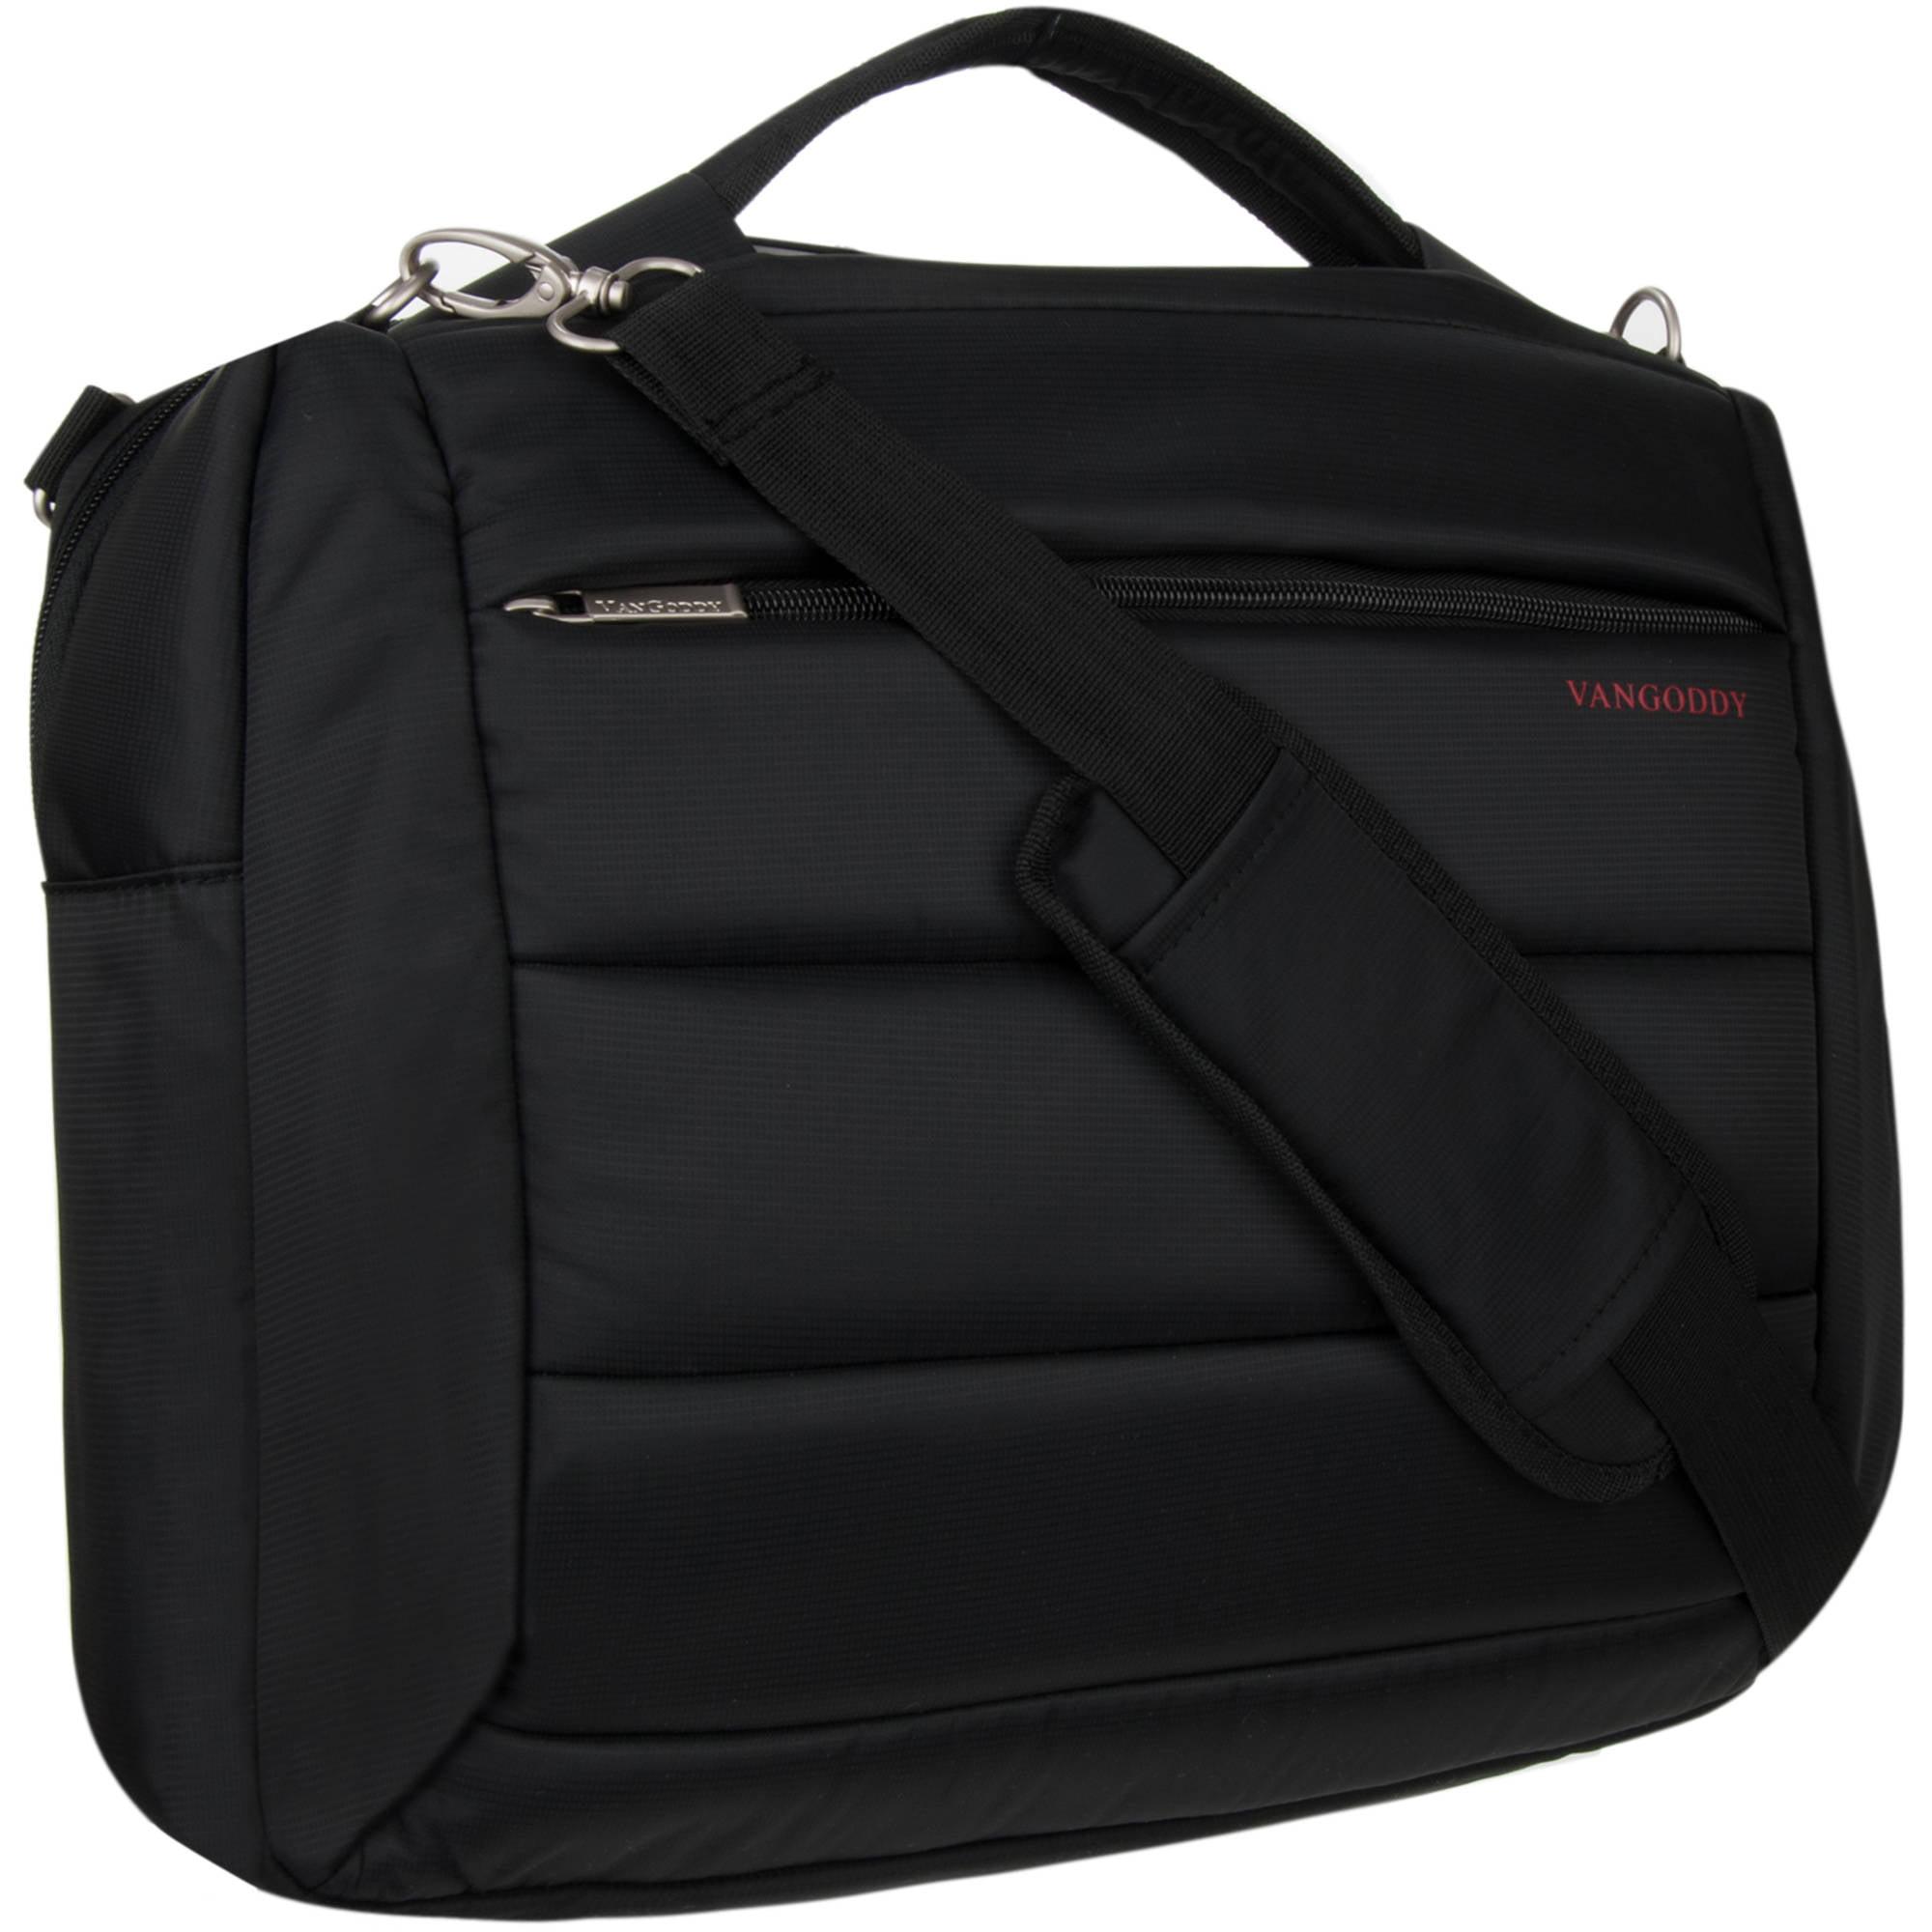 """Vangoddy Bonni 2-in-1 Padded Laptop/Ultrabook Shoulder Bag Case Backpack Hybrid for Laptops up to 15.6"""""""